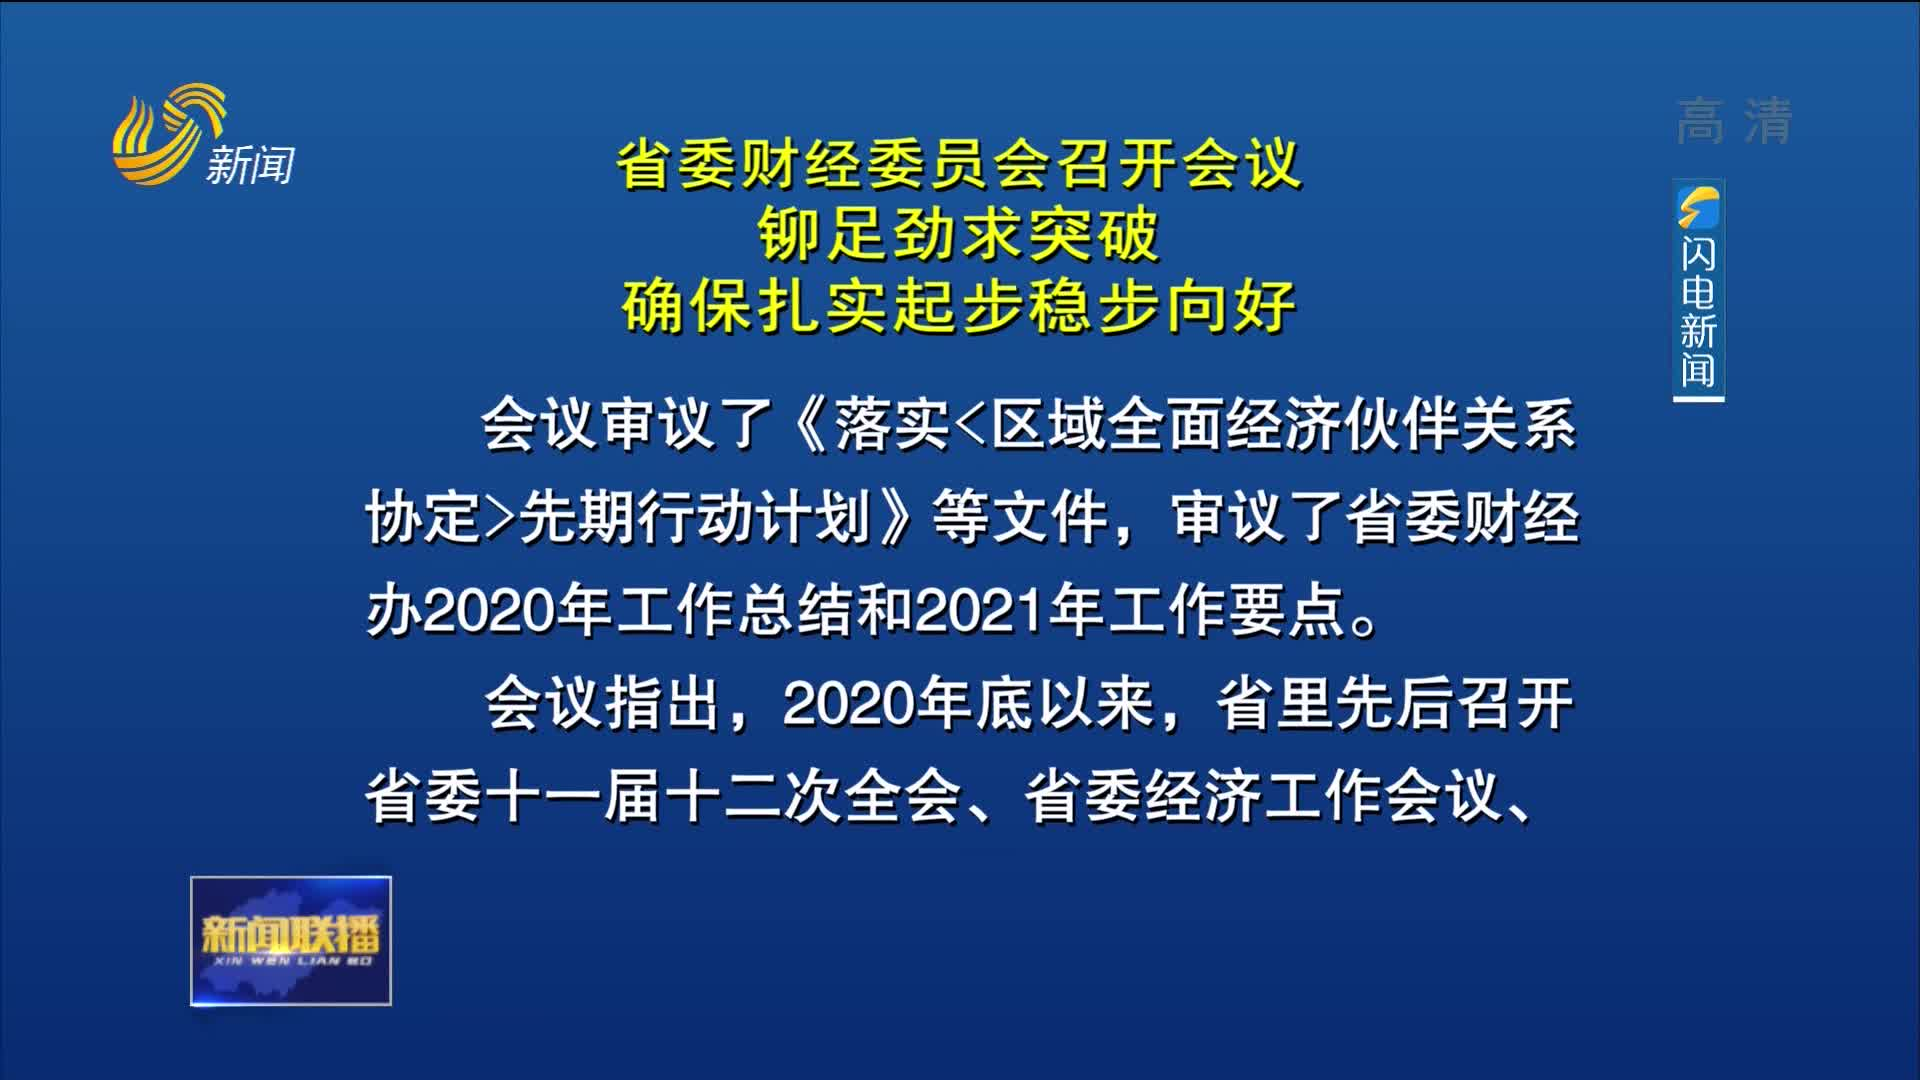 省委财经委员会召开会议 铆足劲求突破 确保扎实起步稳步向好